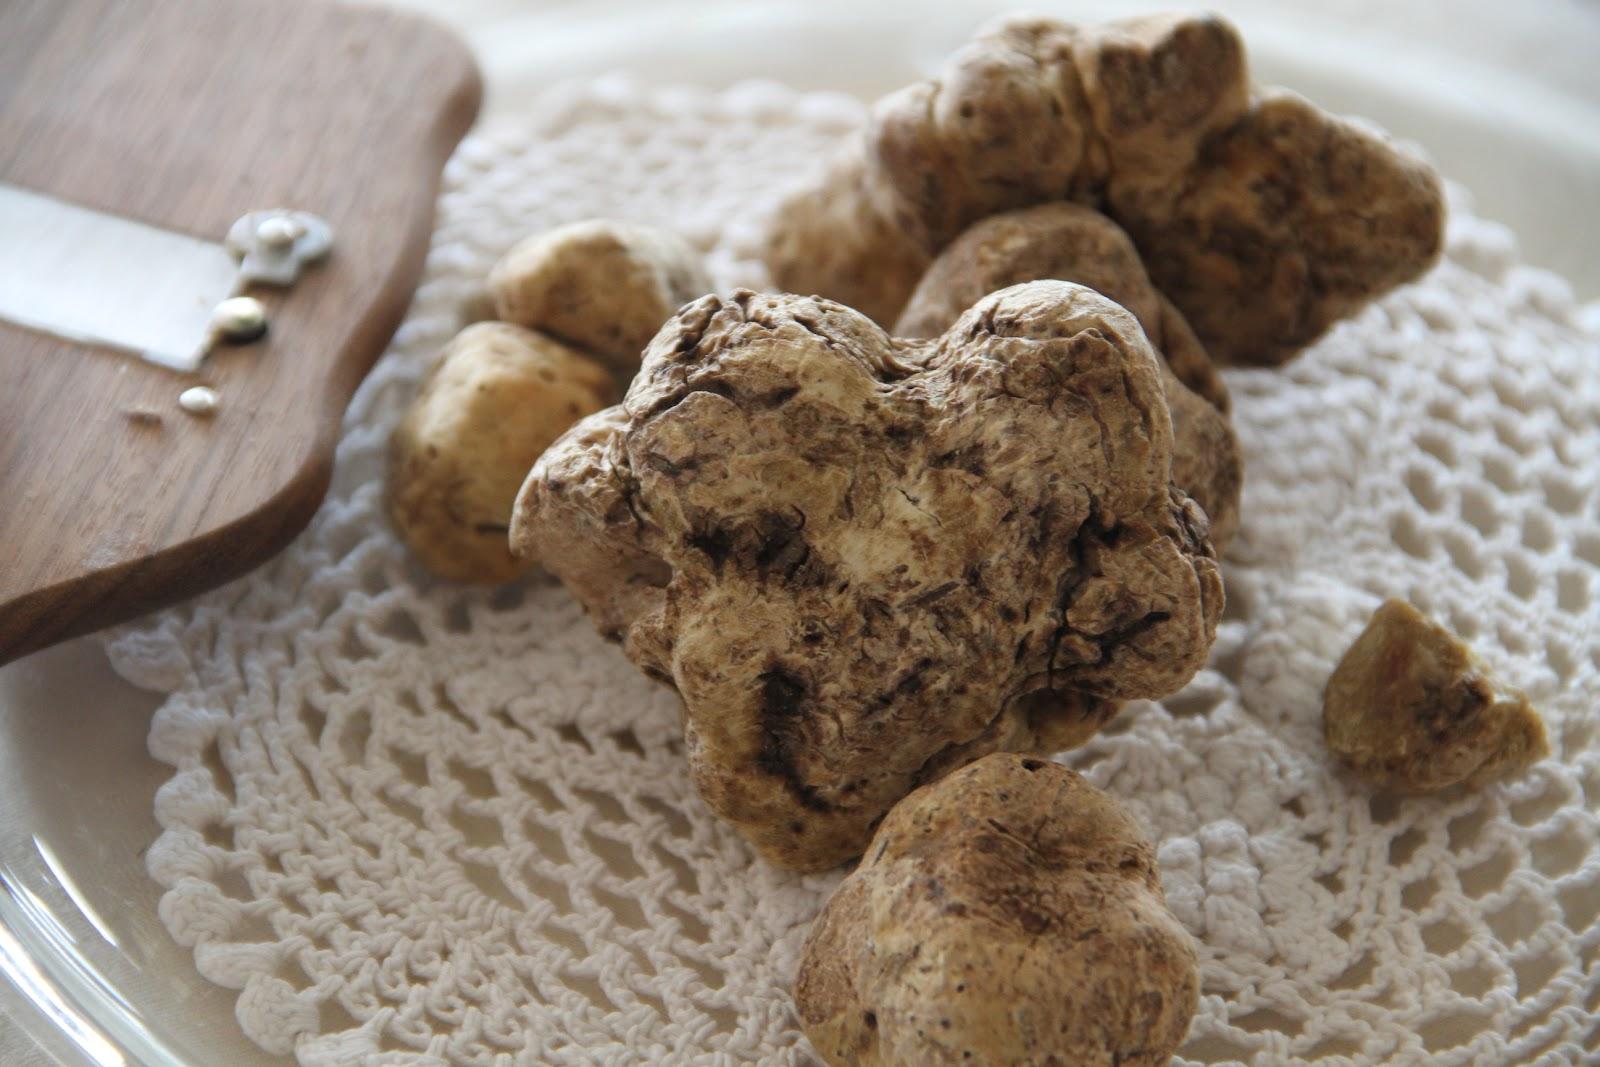 Tartufi Bianconi - Truffle cooking lessons | ITALY Magazine